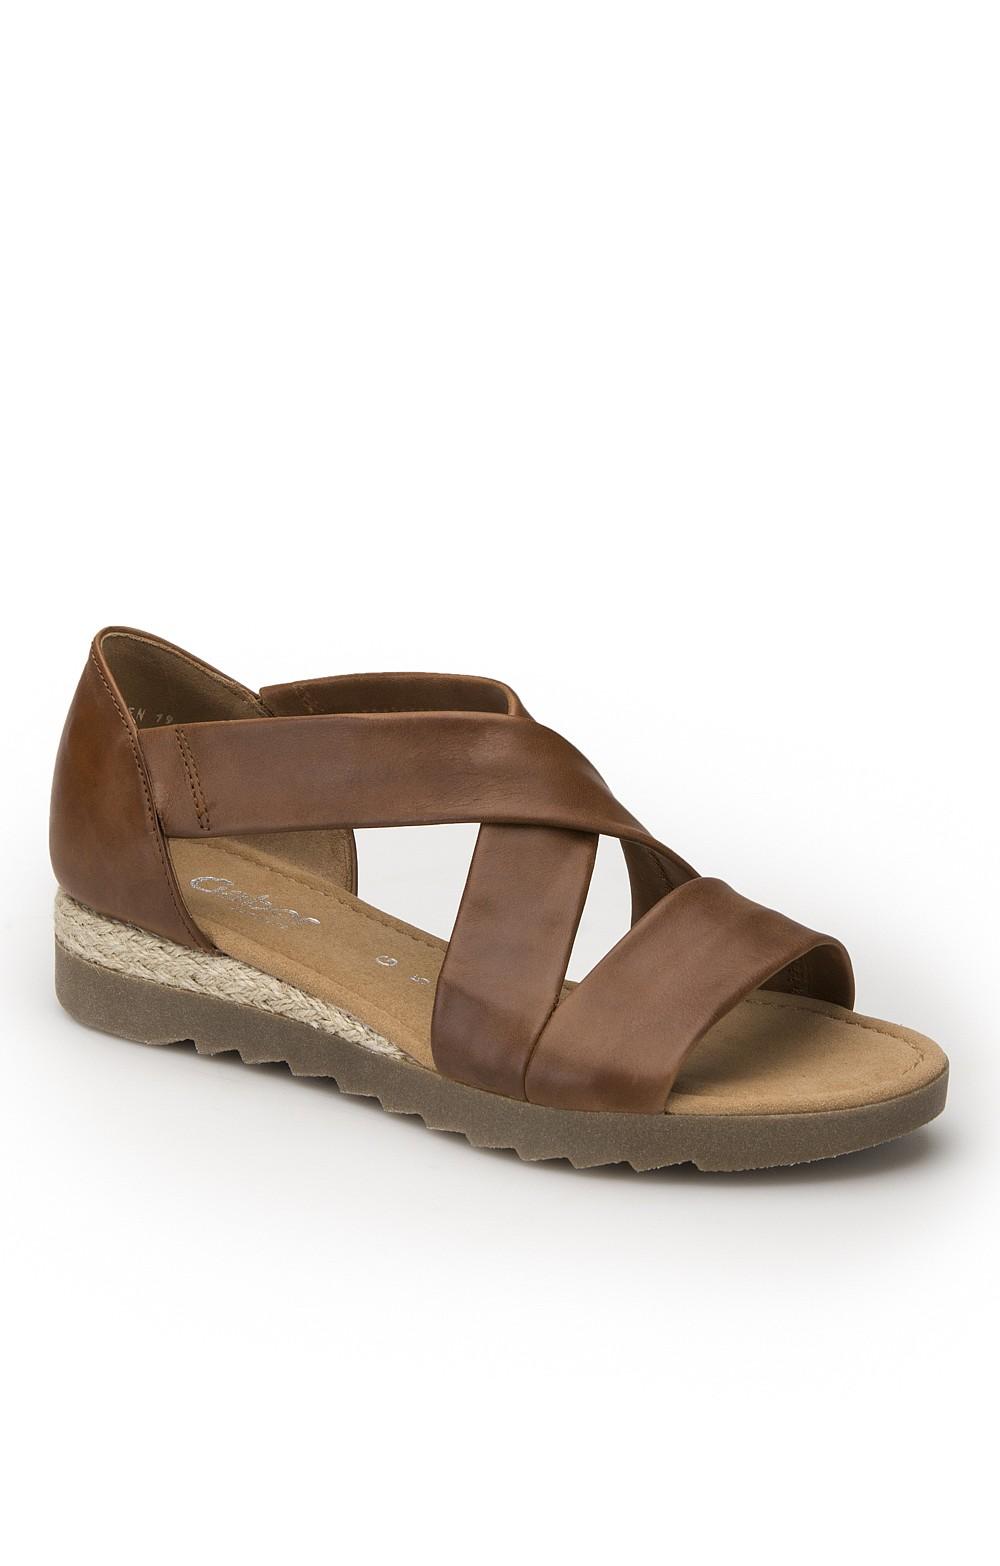 45361c9256d3a Ladies Gabor Roman Sandal - House of Bruar